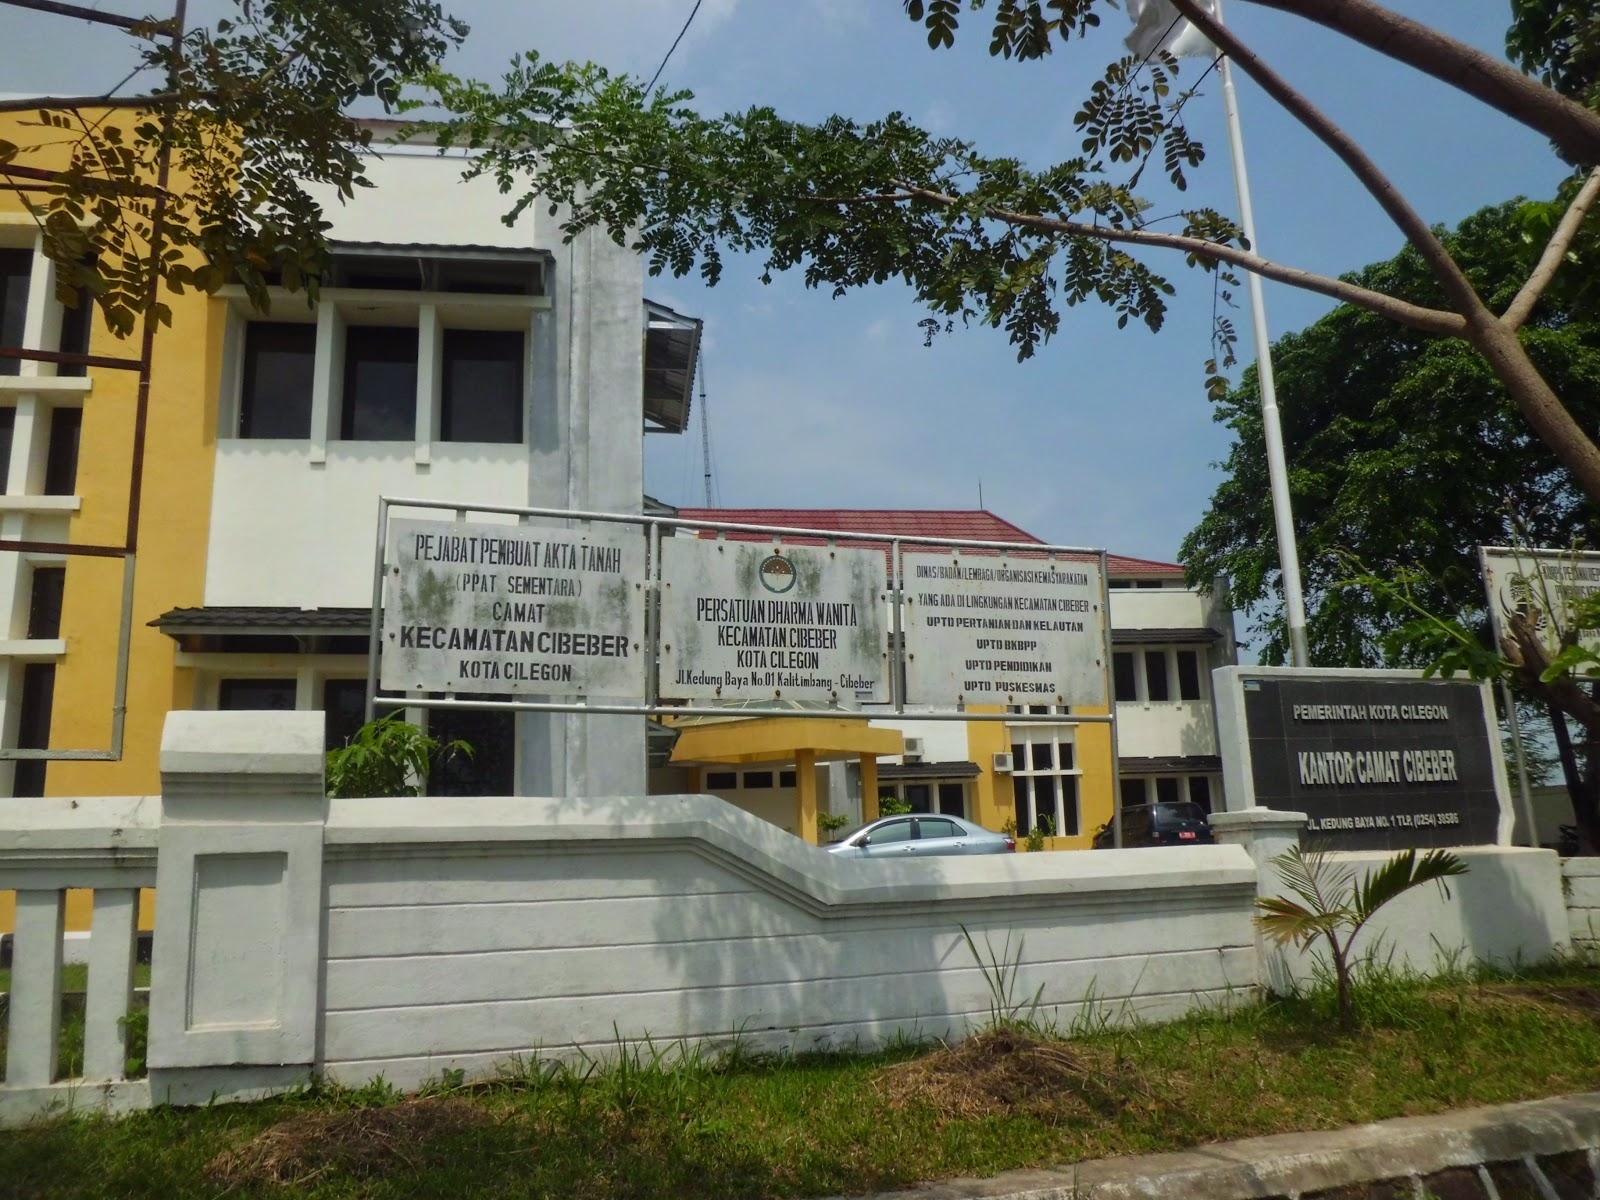 kantor kecamatan Cibeber Cilegon